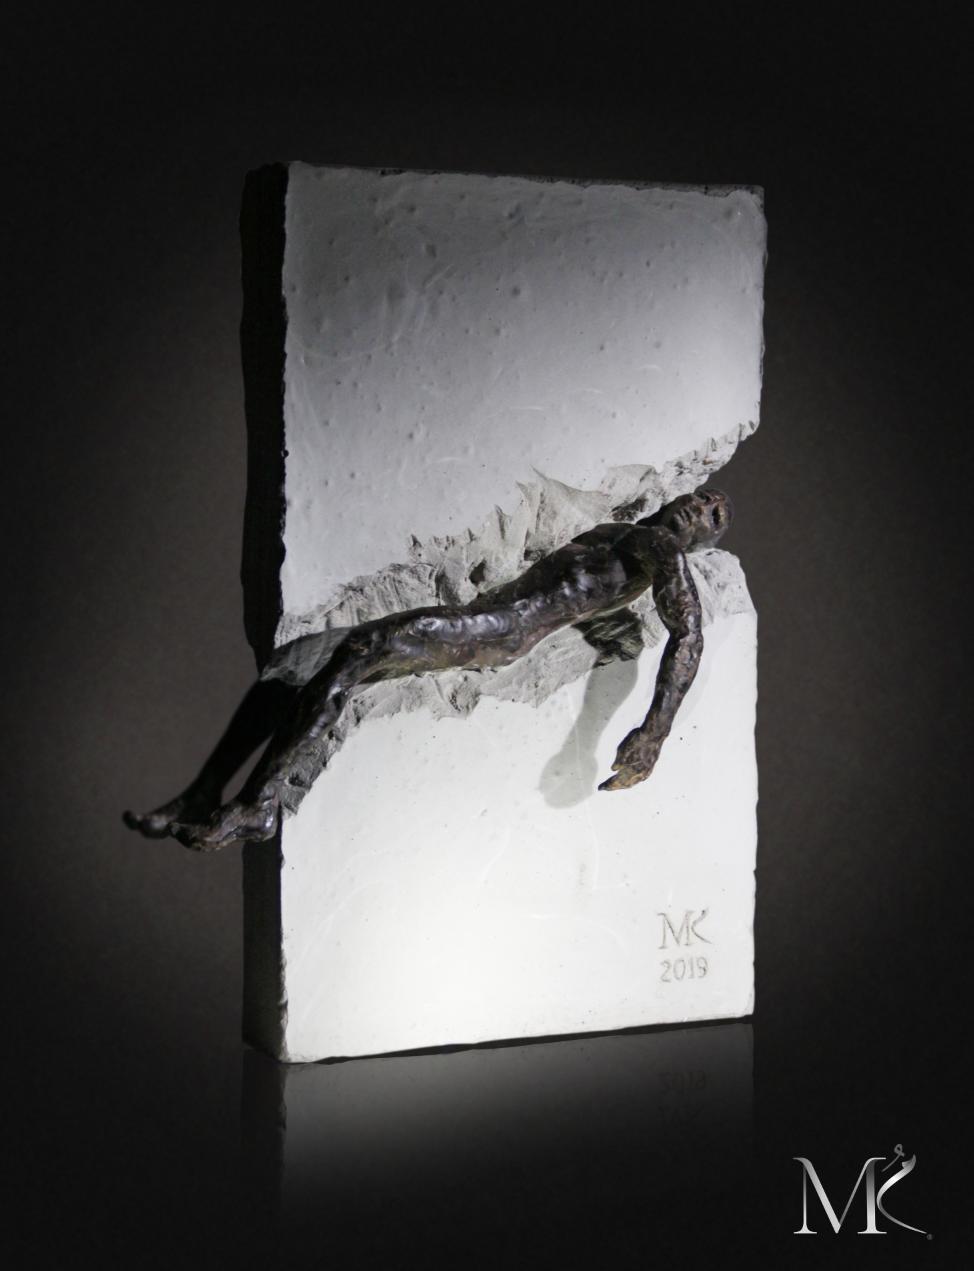 My sculpture statue participation